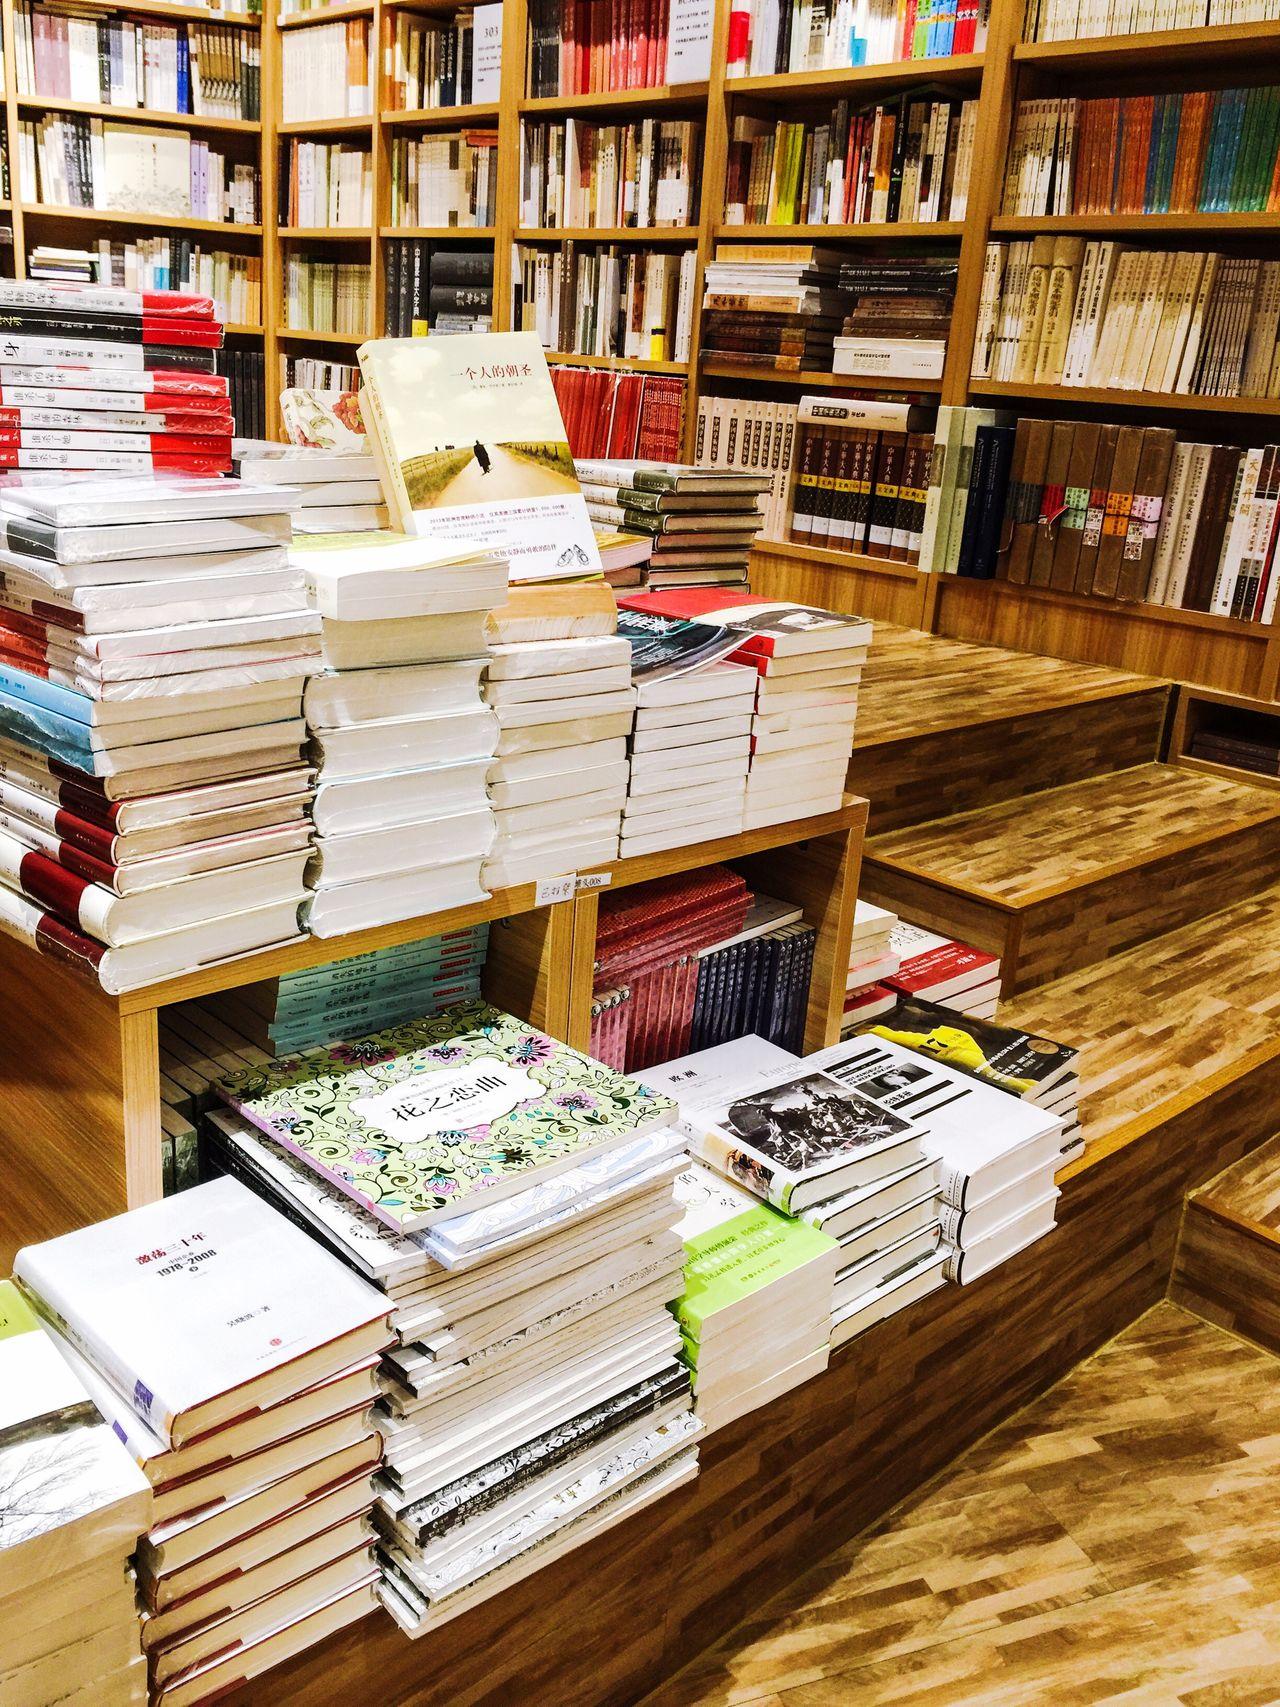 Zhuhai China Books Book Bookstore Bookshelf Shop Many Book Store Store Shelf Book Shelves